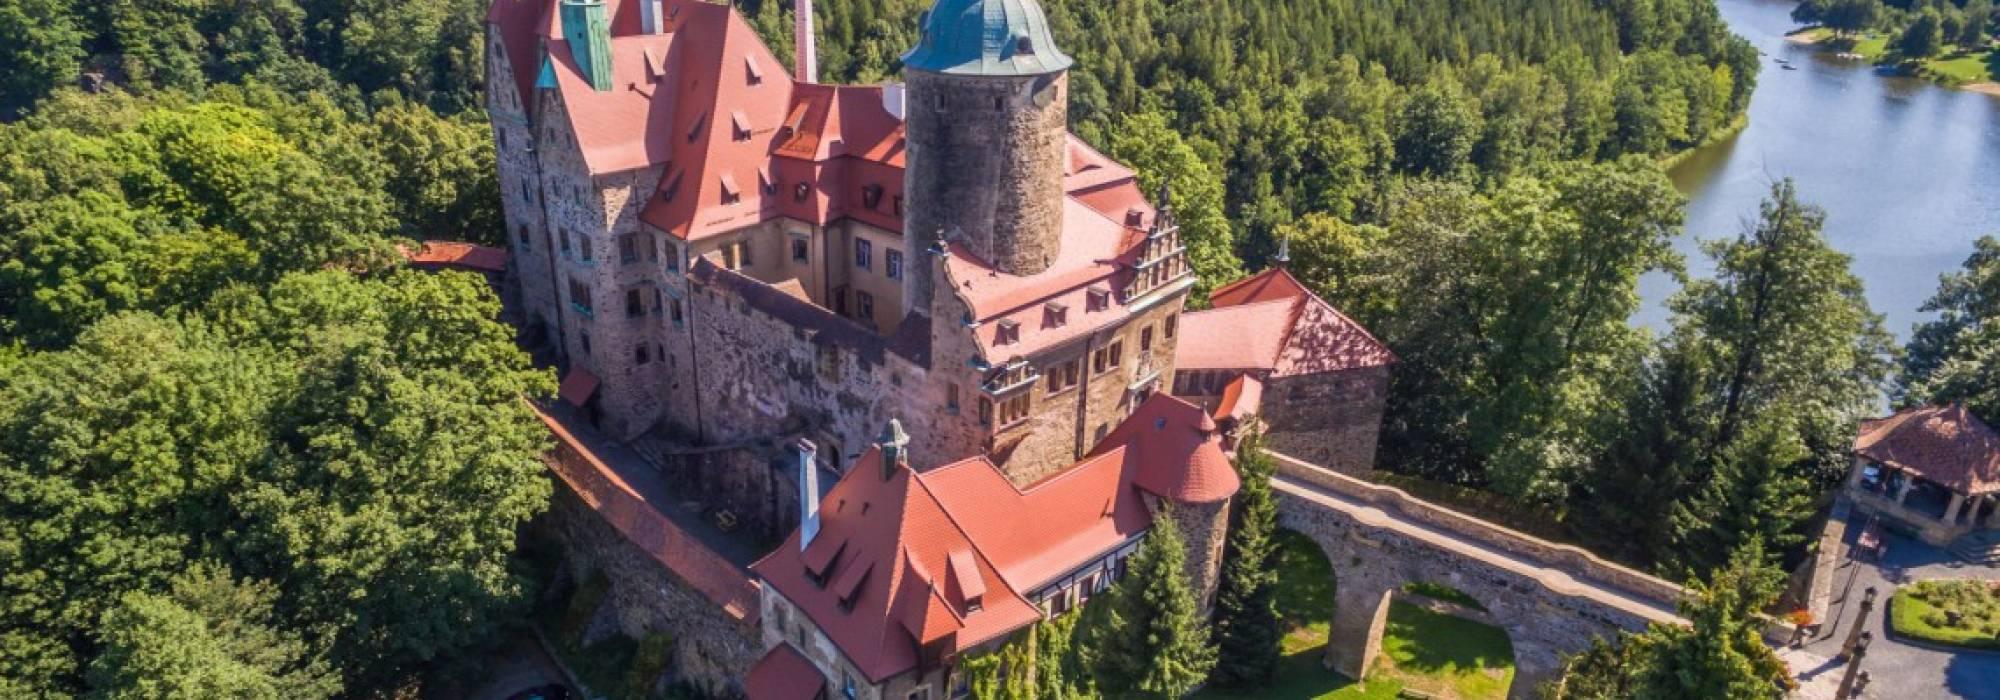 Voivodato Della Slesia Polonia castello di czocha in polonia - voivodato della bassa slesia